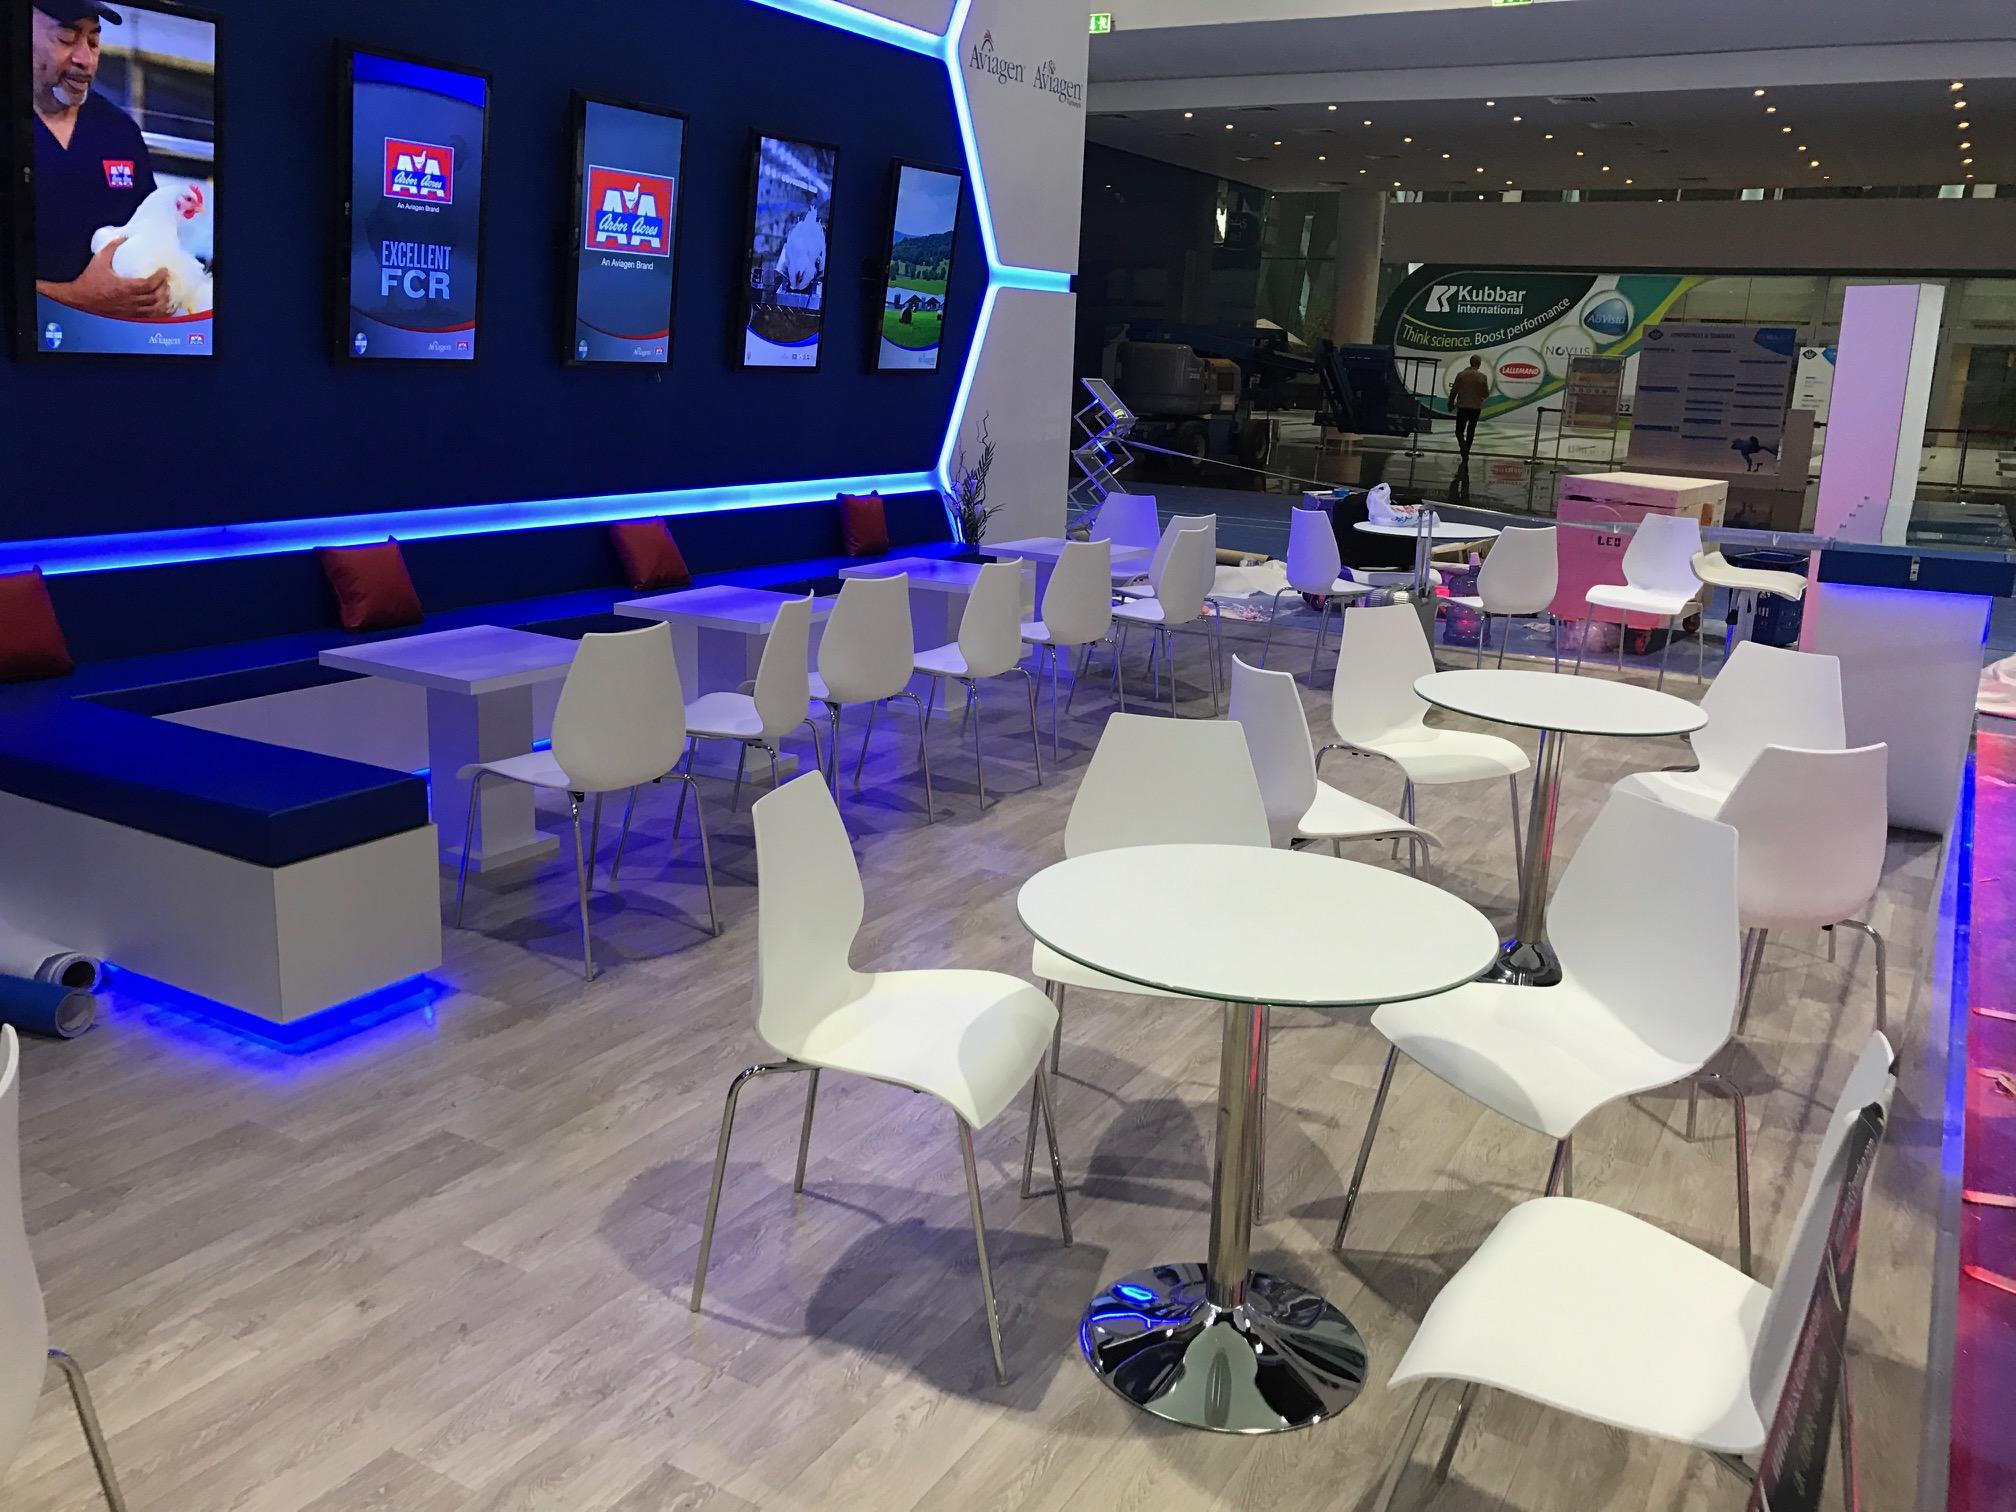 Trade show stand for Aviagen at VIV MEA 2018 ADNEC Abu Dhabi UAE